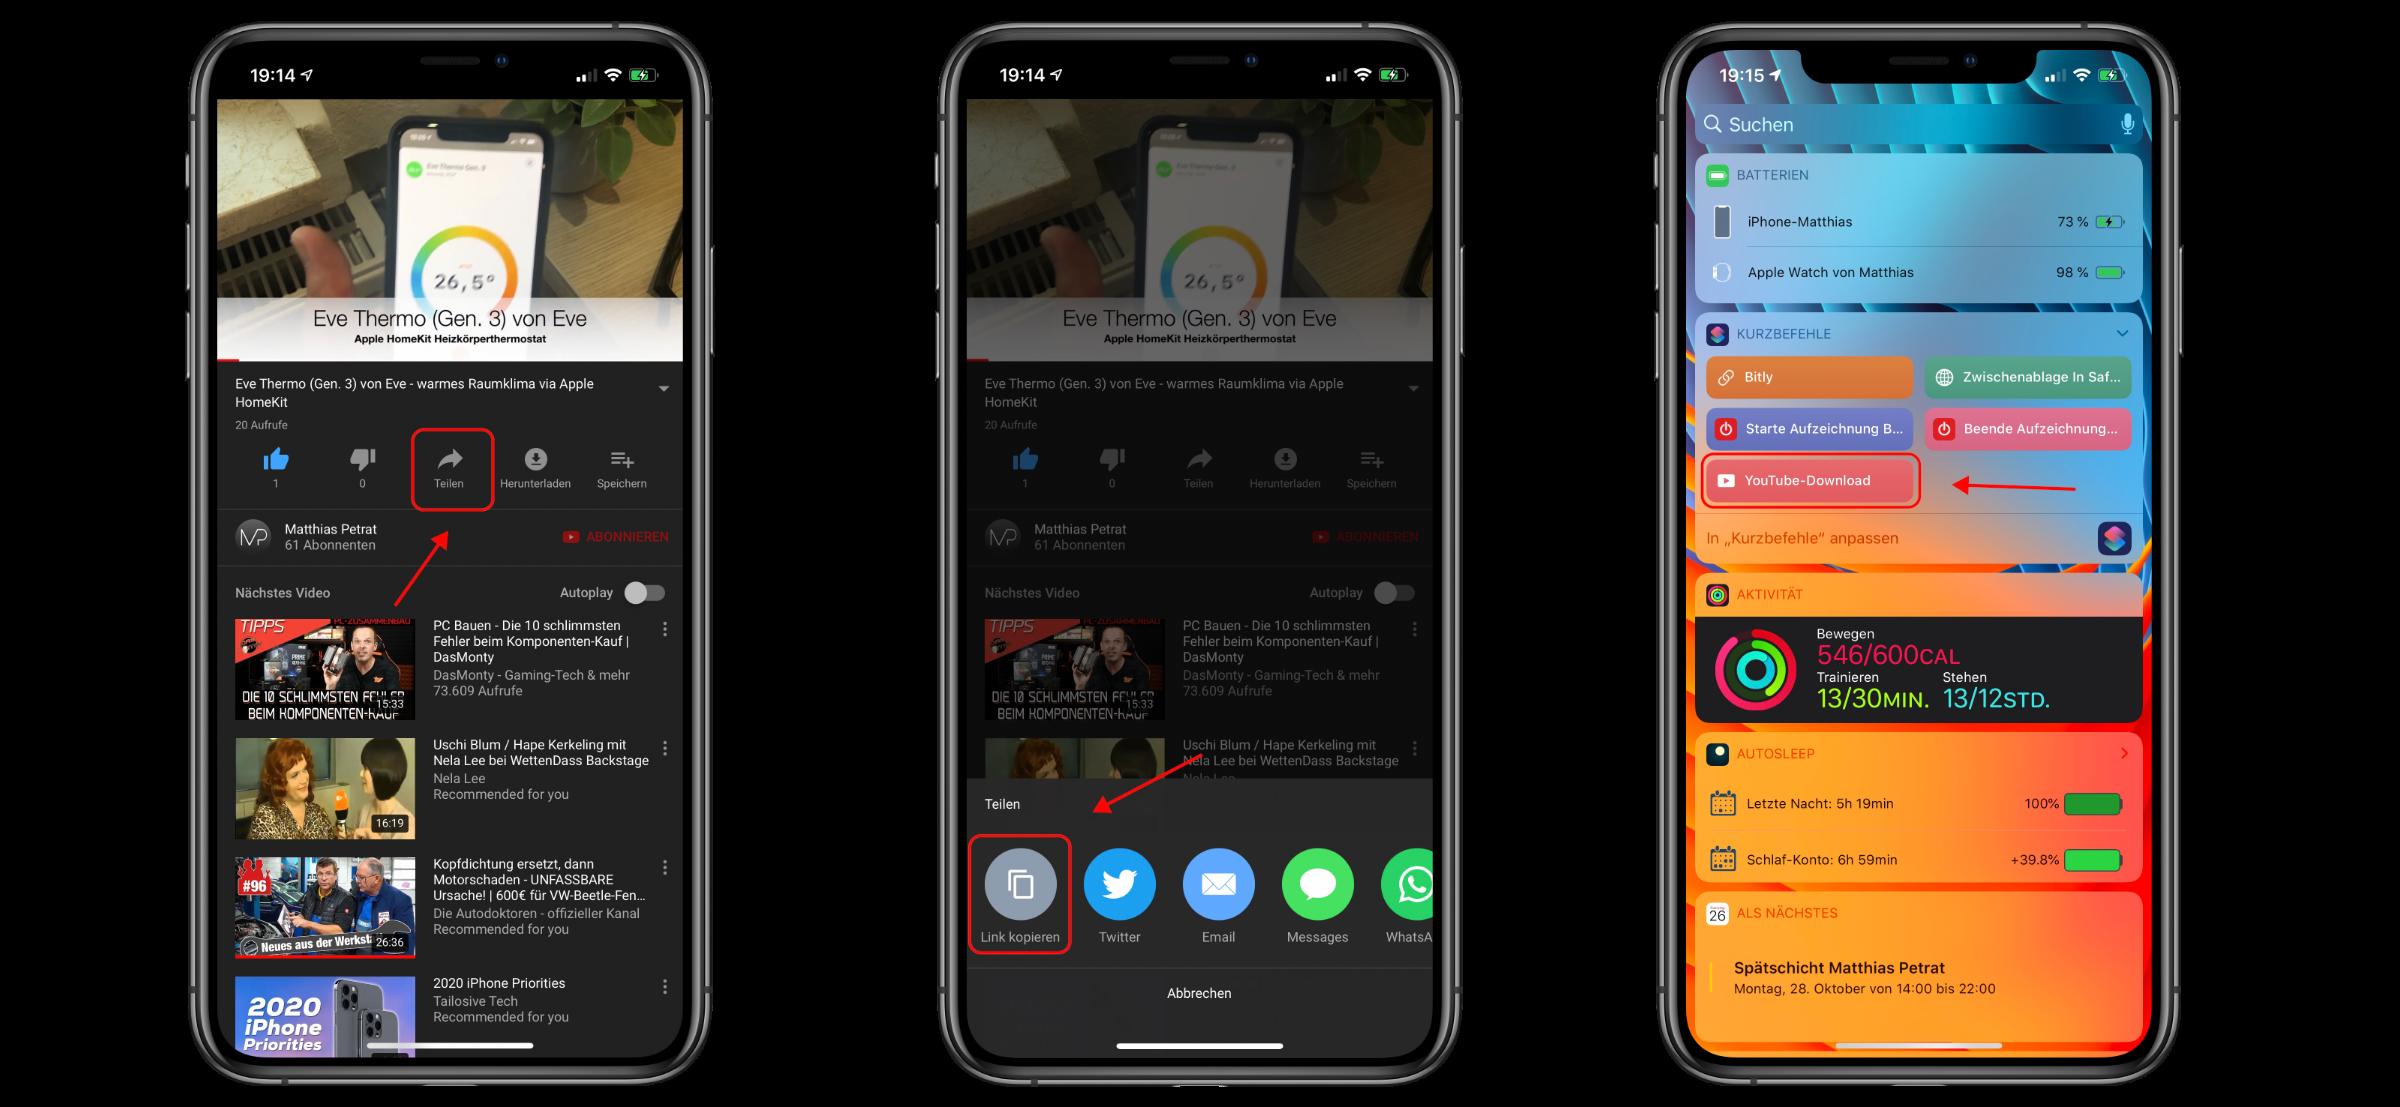 Kurzbefehl_YouTube_Download_Video_Audio_Siri_Shortcut_iOS3 Kurzbefehl für iOS 13 und iPadOS 13 - lade dir YouTube-Videos als Video oder Audio herunter